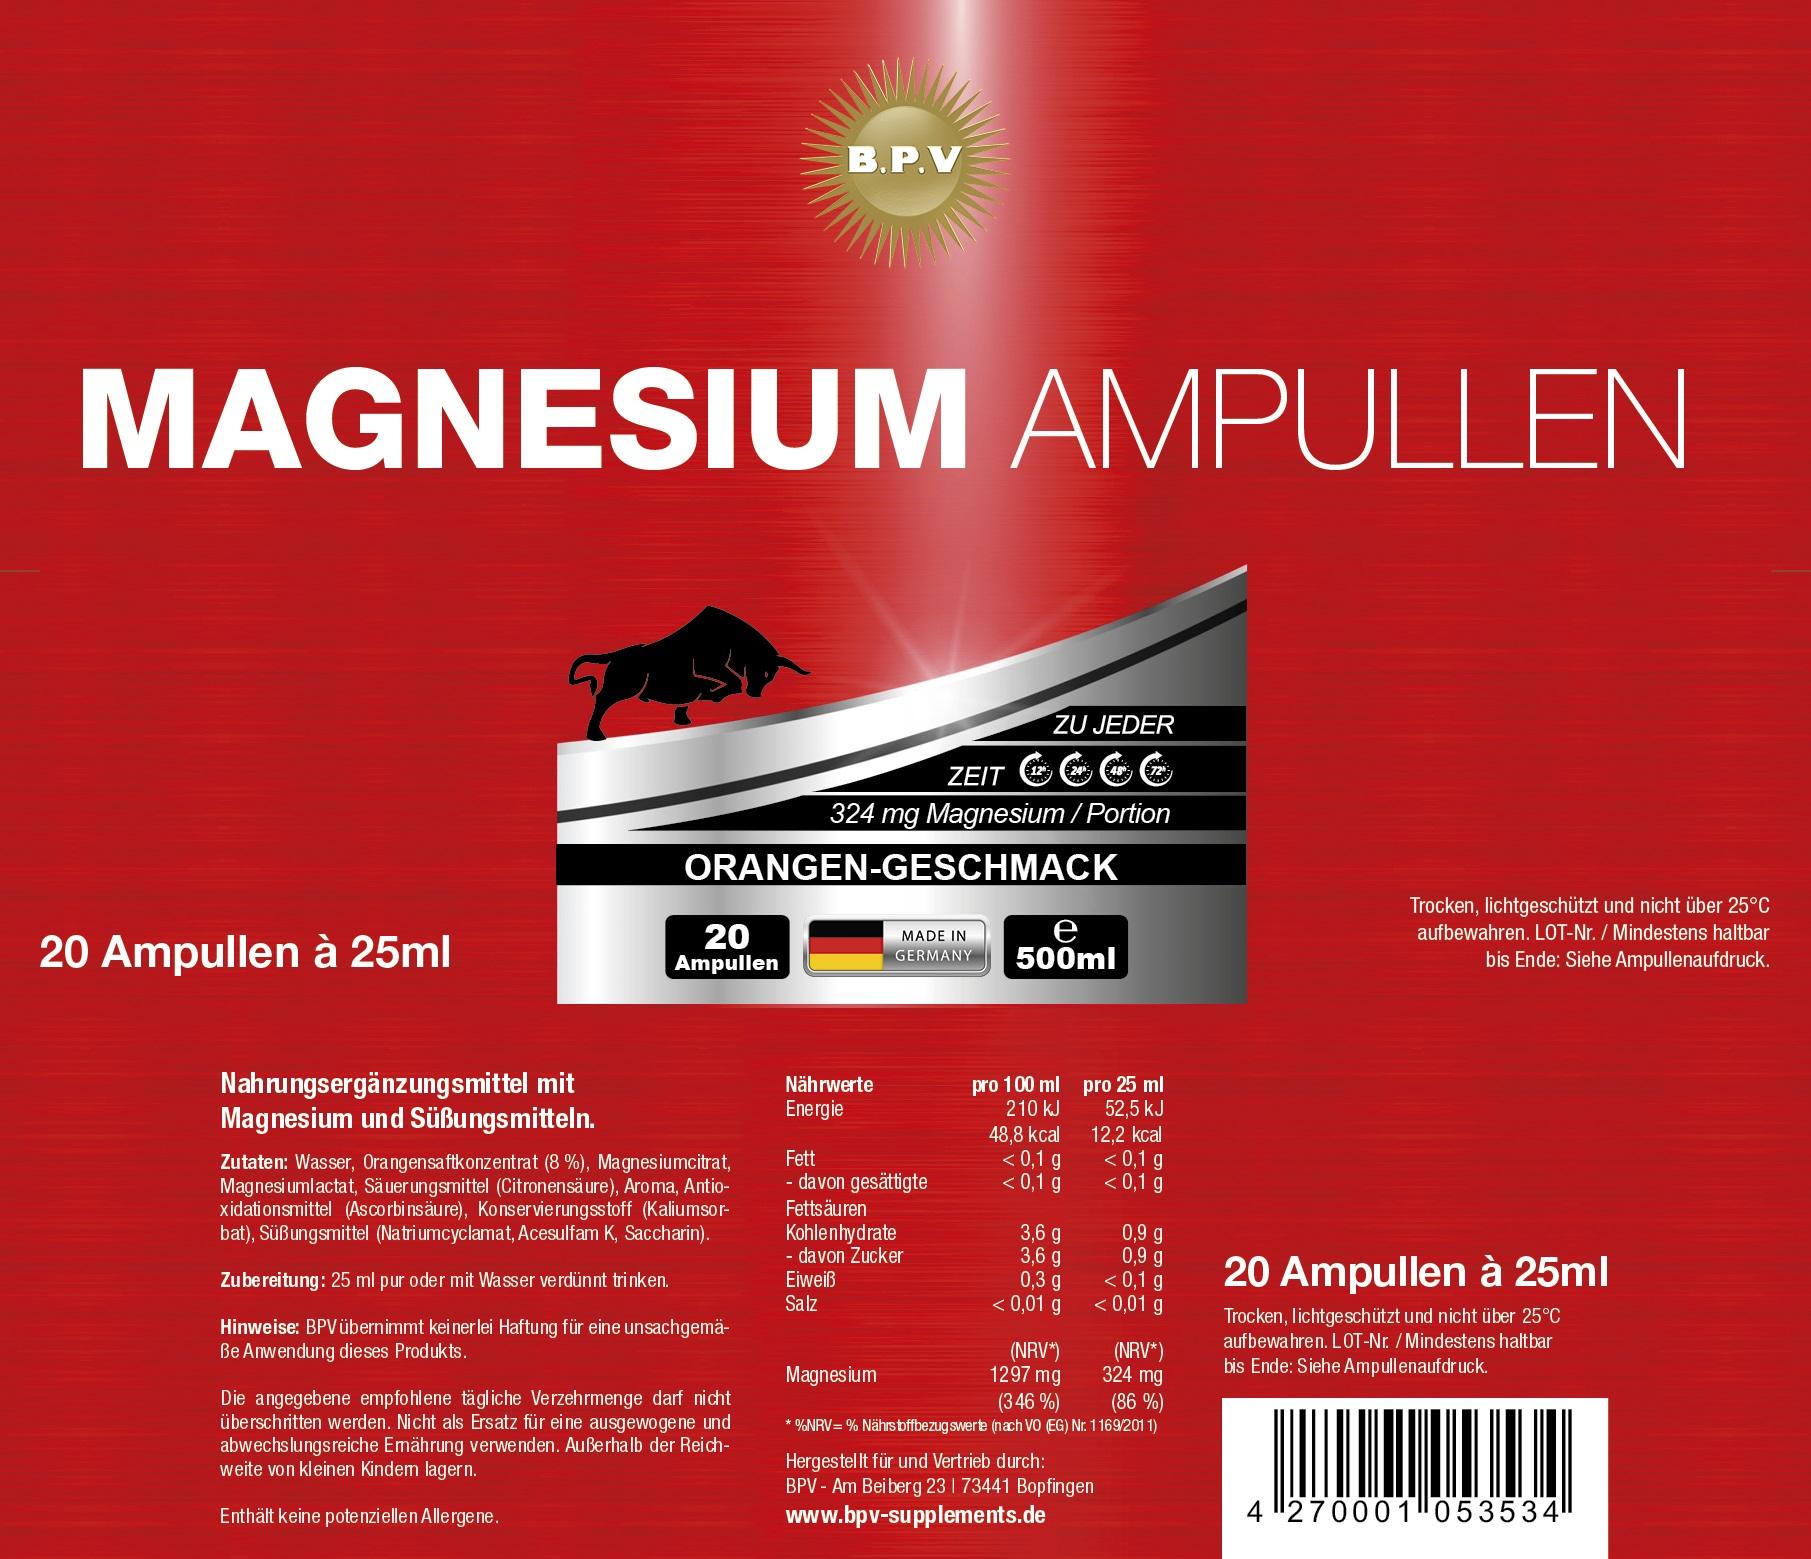 MAGNESIUM-AMPULLEN